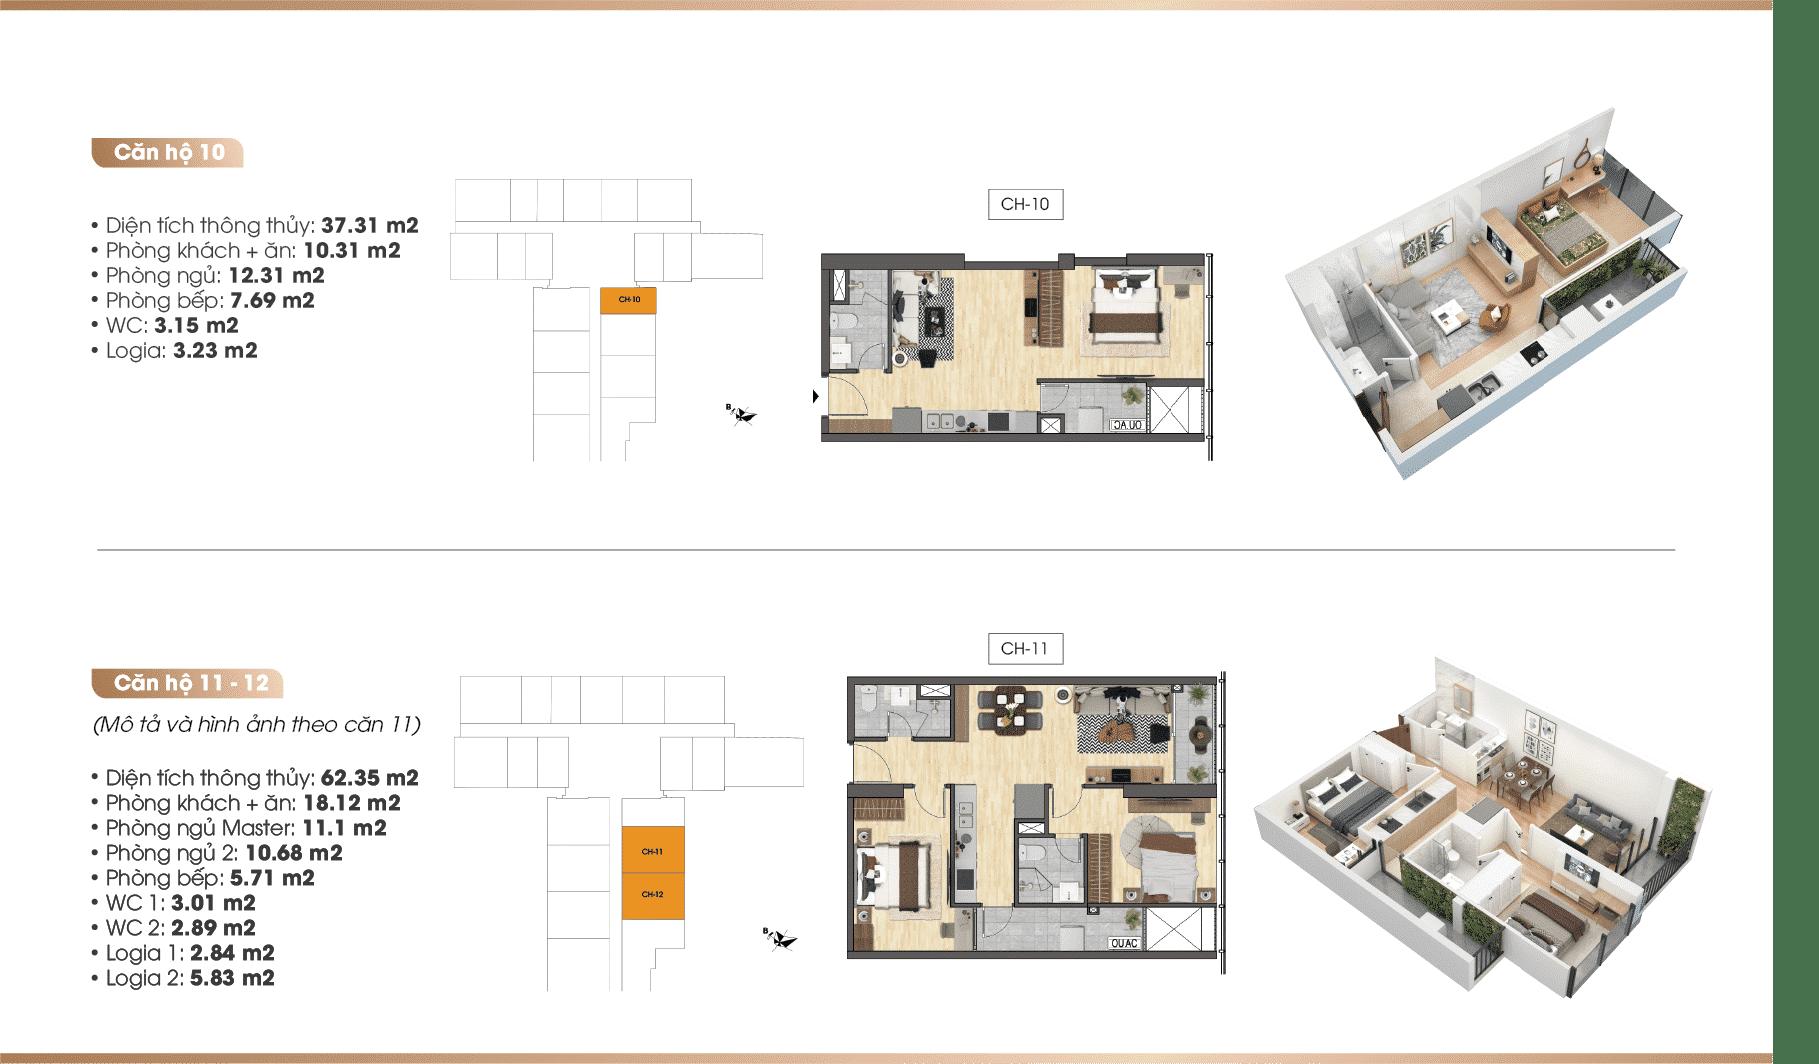 Chi tiết căn hộ Dự án TNR 90 Đường Láng 10-11-12